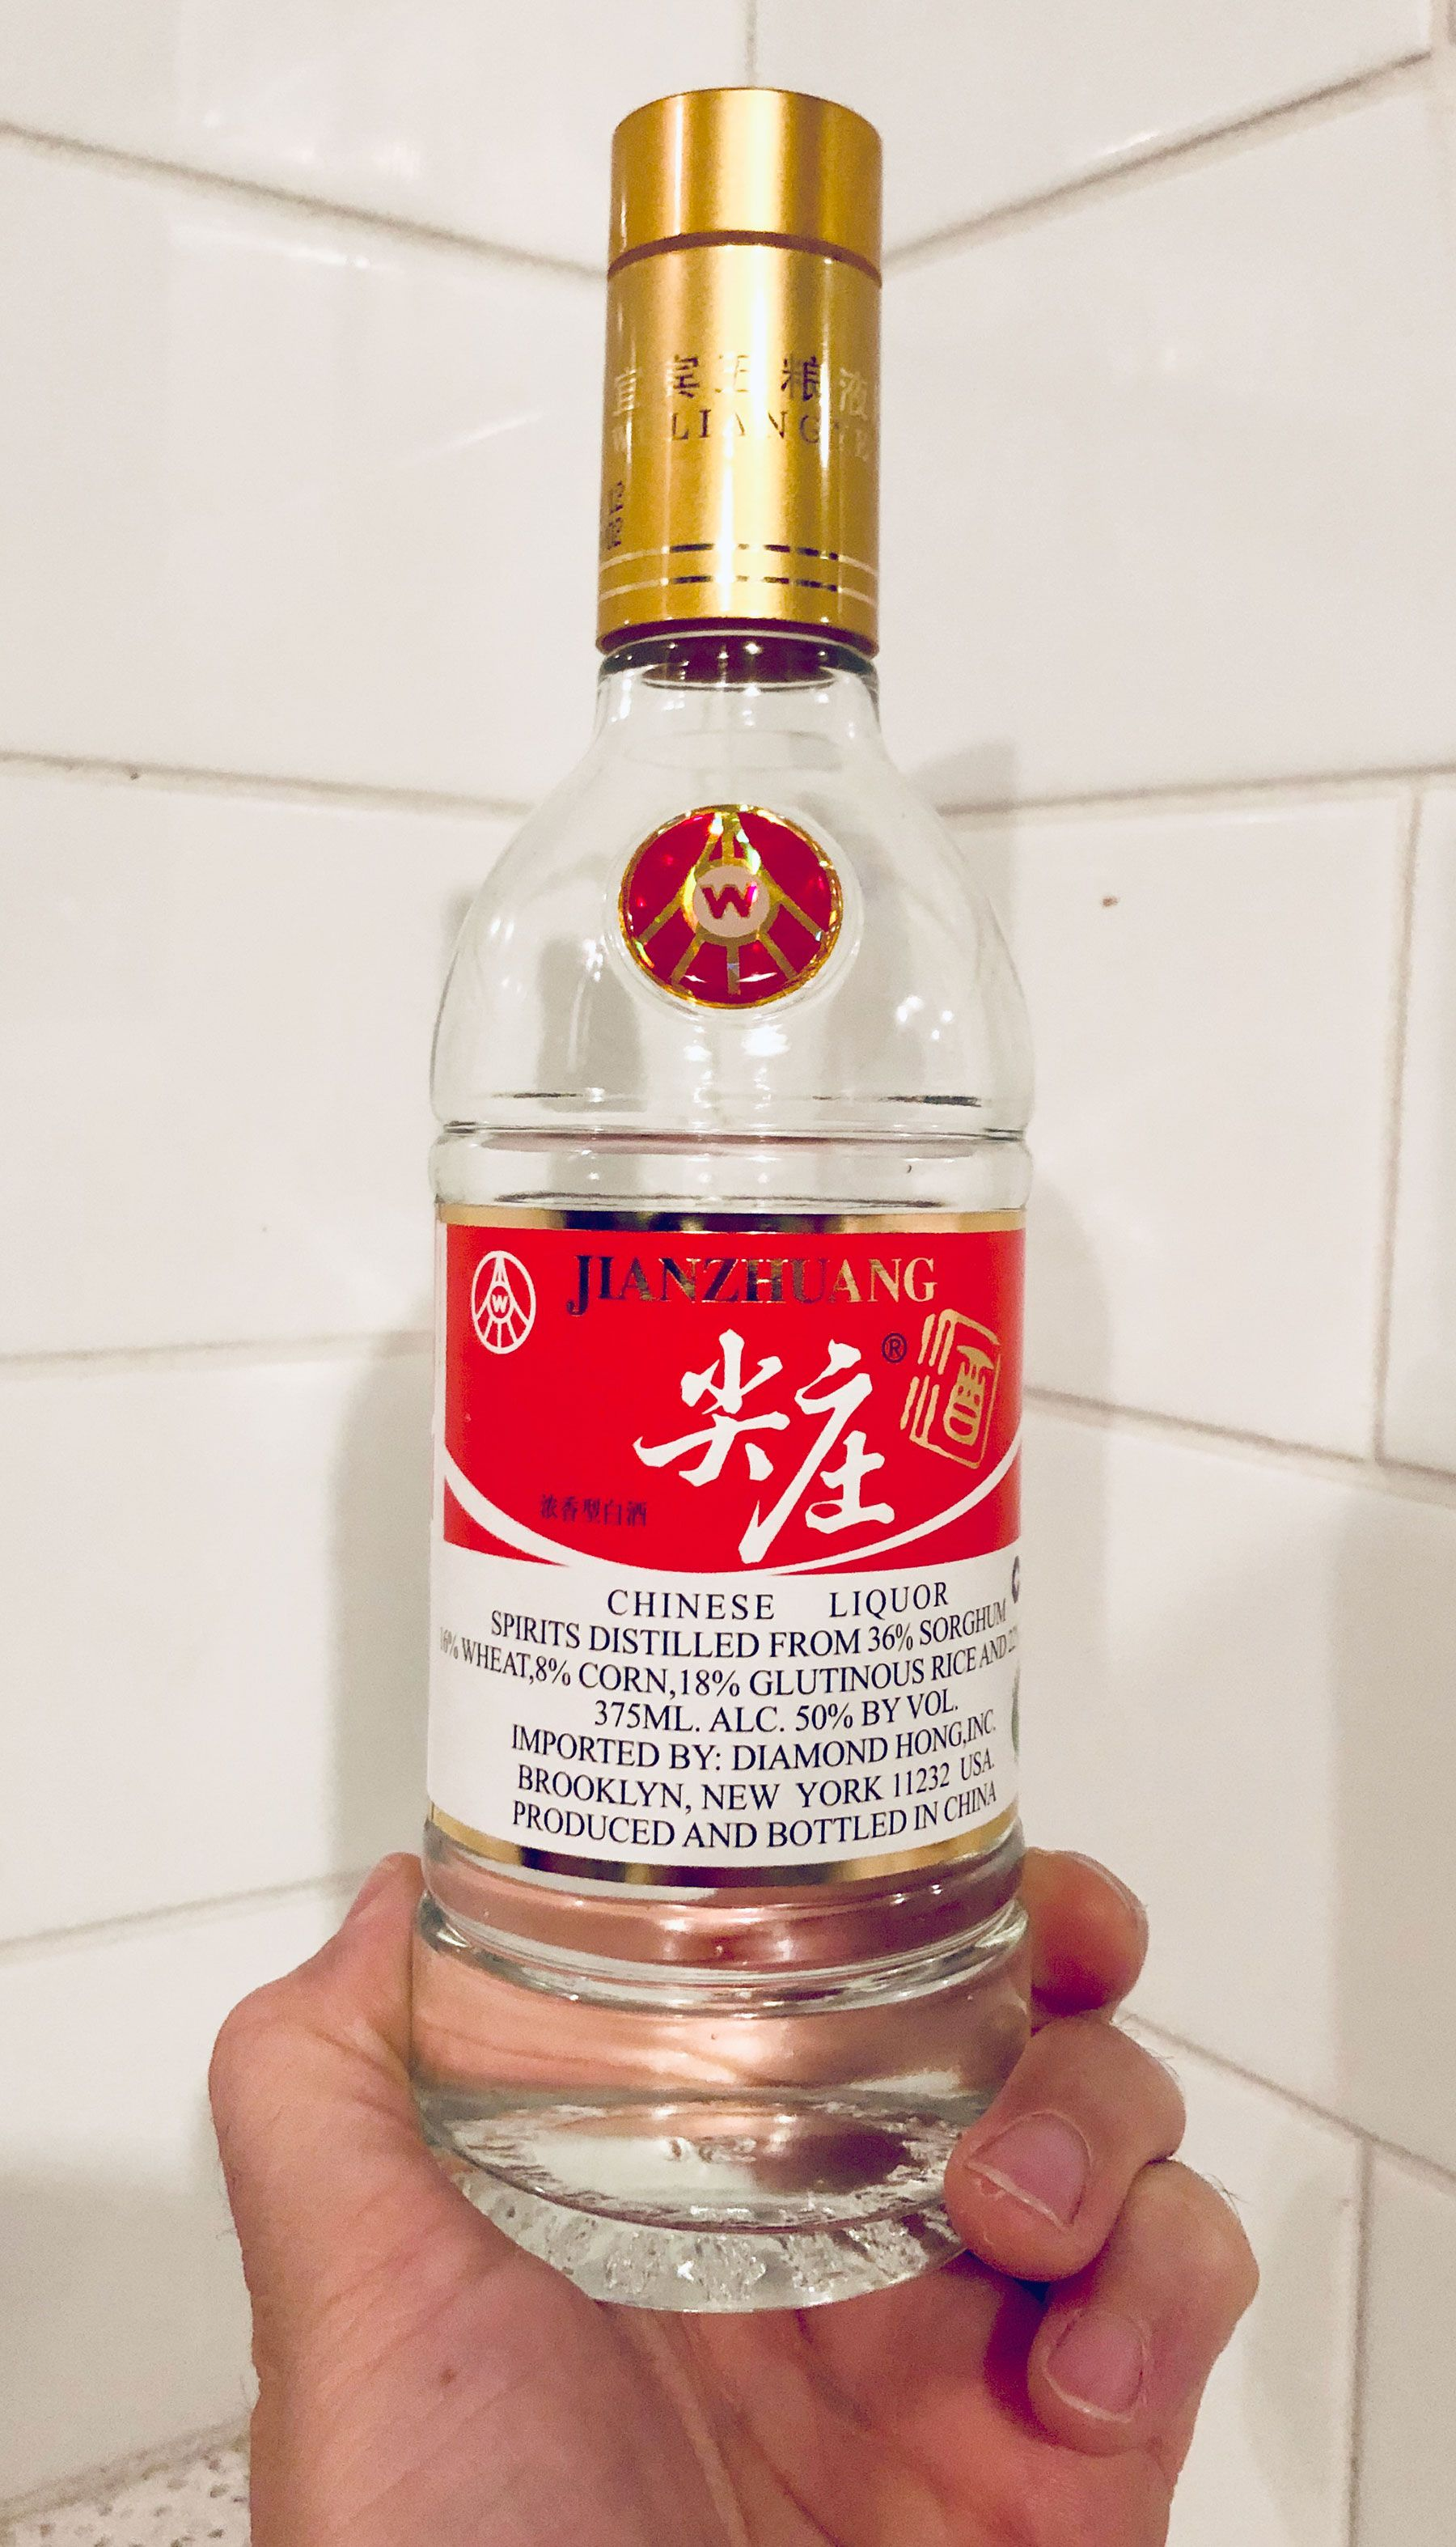 Wuliangye Jianzhuang Baijiu Review Baijiu Distillation Flavor Profiles